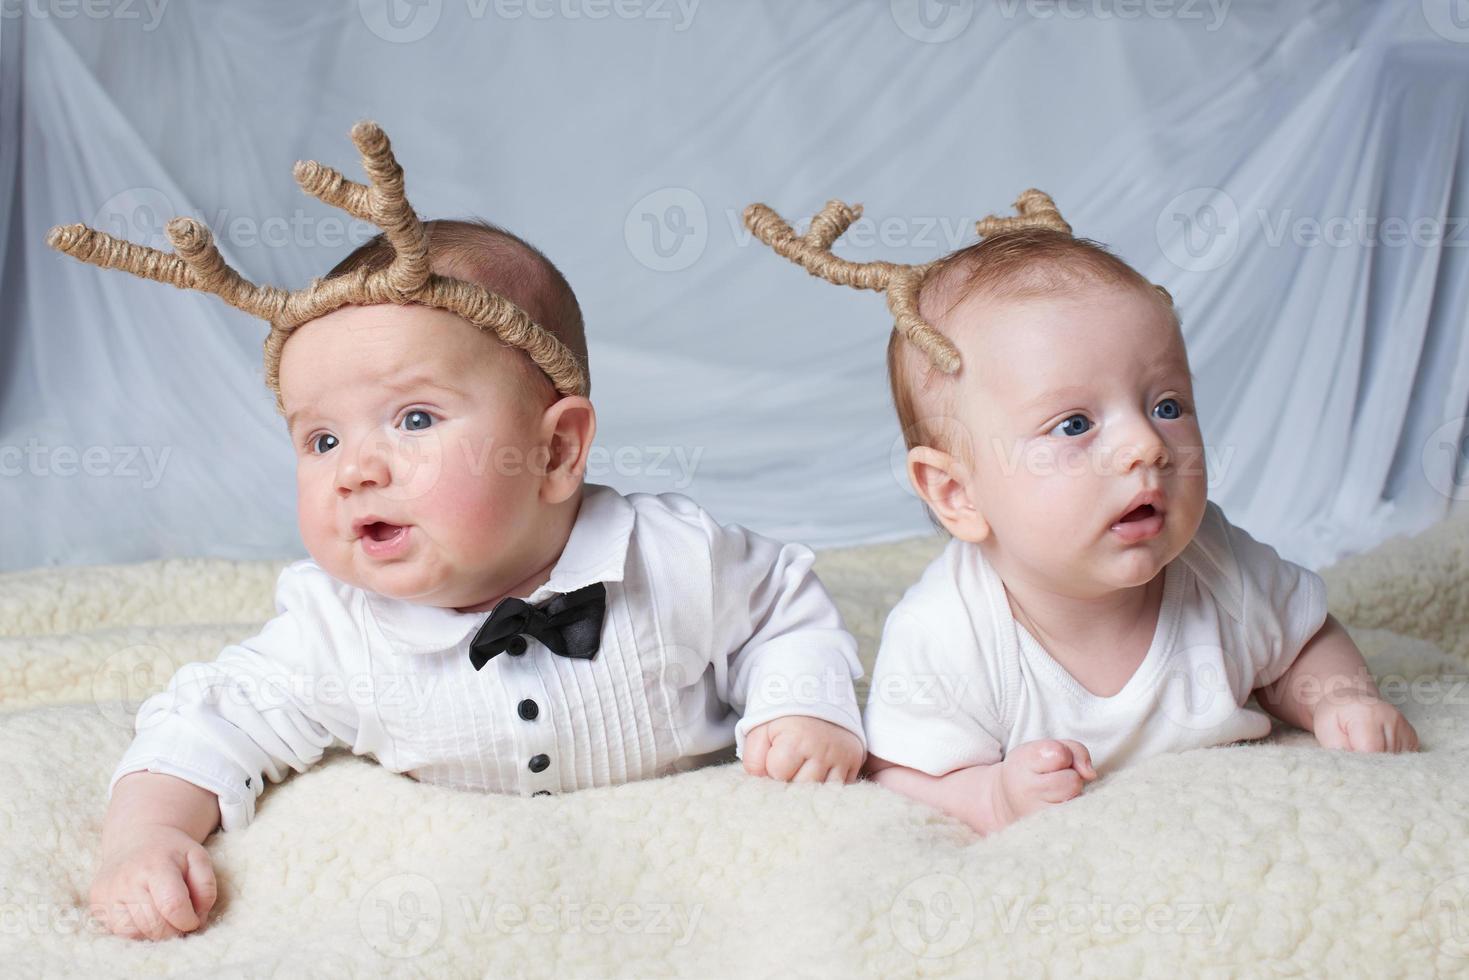 bambini con corna di cervo su sfondo luminoso foto